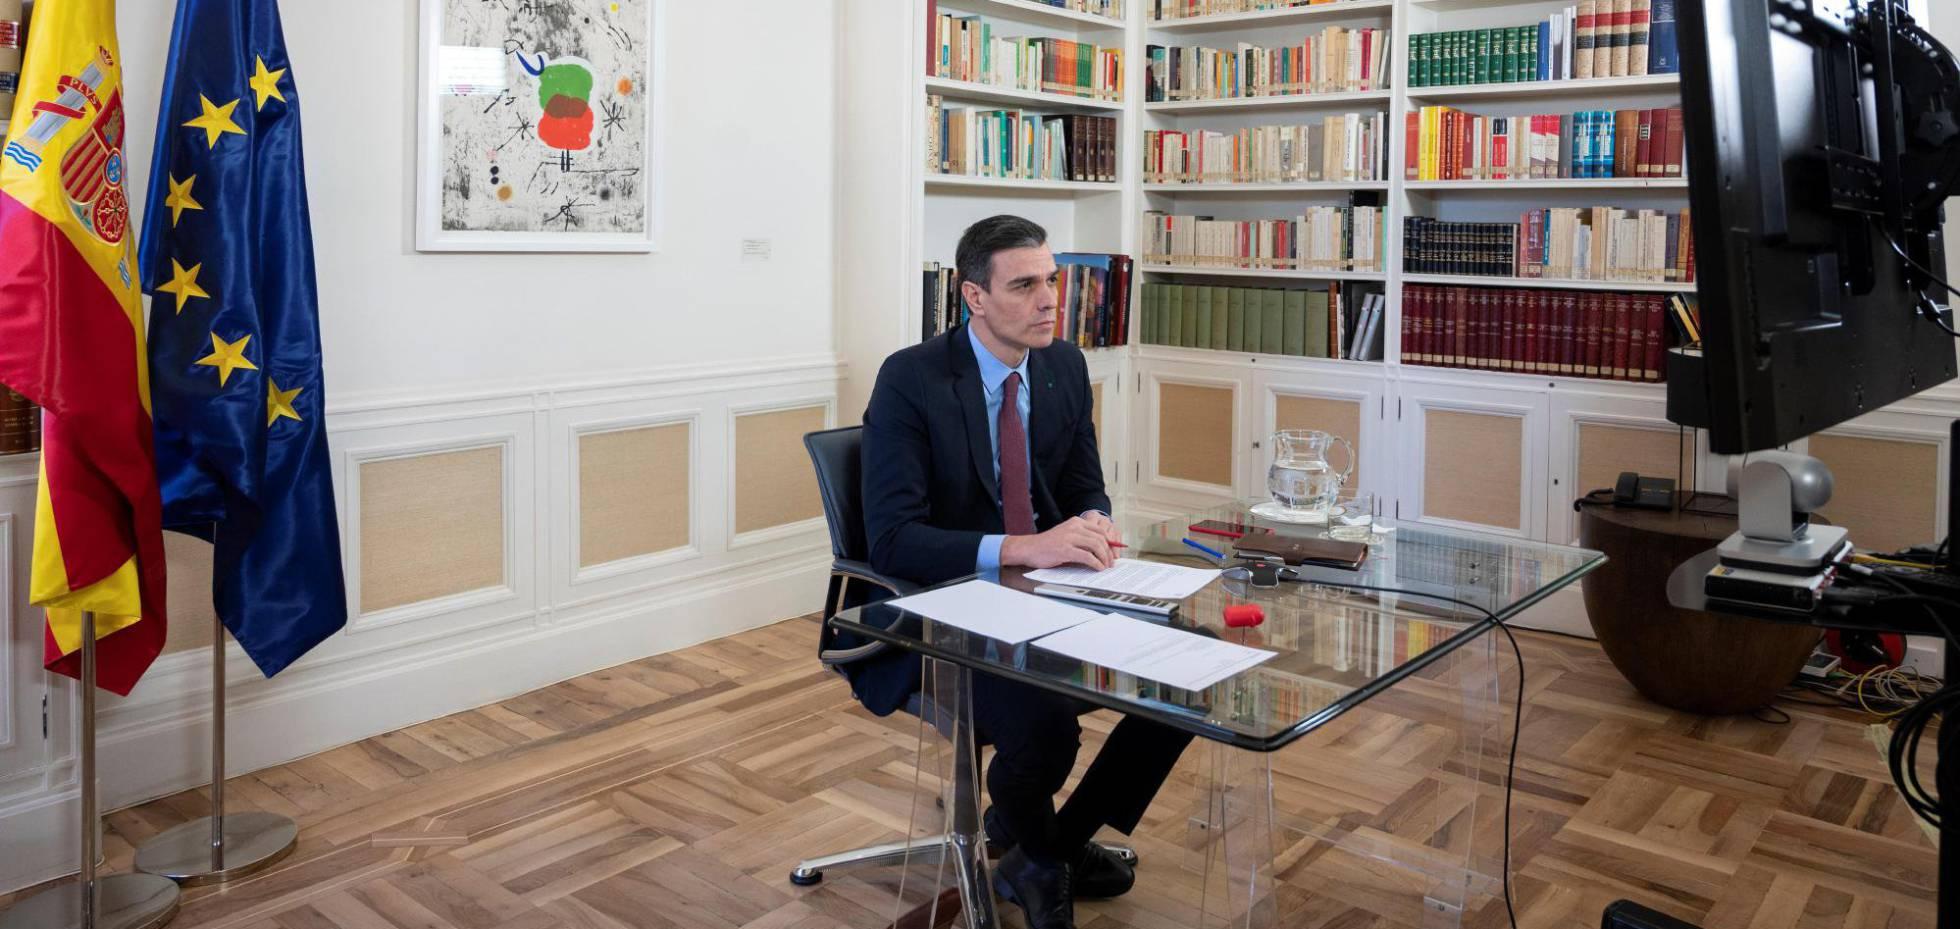 El presidente del Gobierno, Pedro Sánchez, esta tarde durante la cumbre celebrada por videoconferencia. EFE